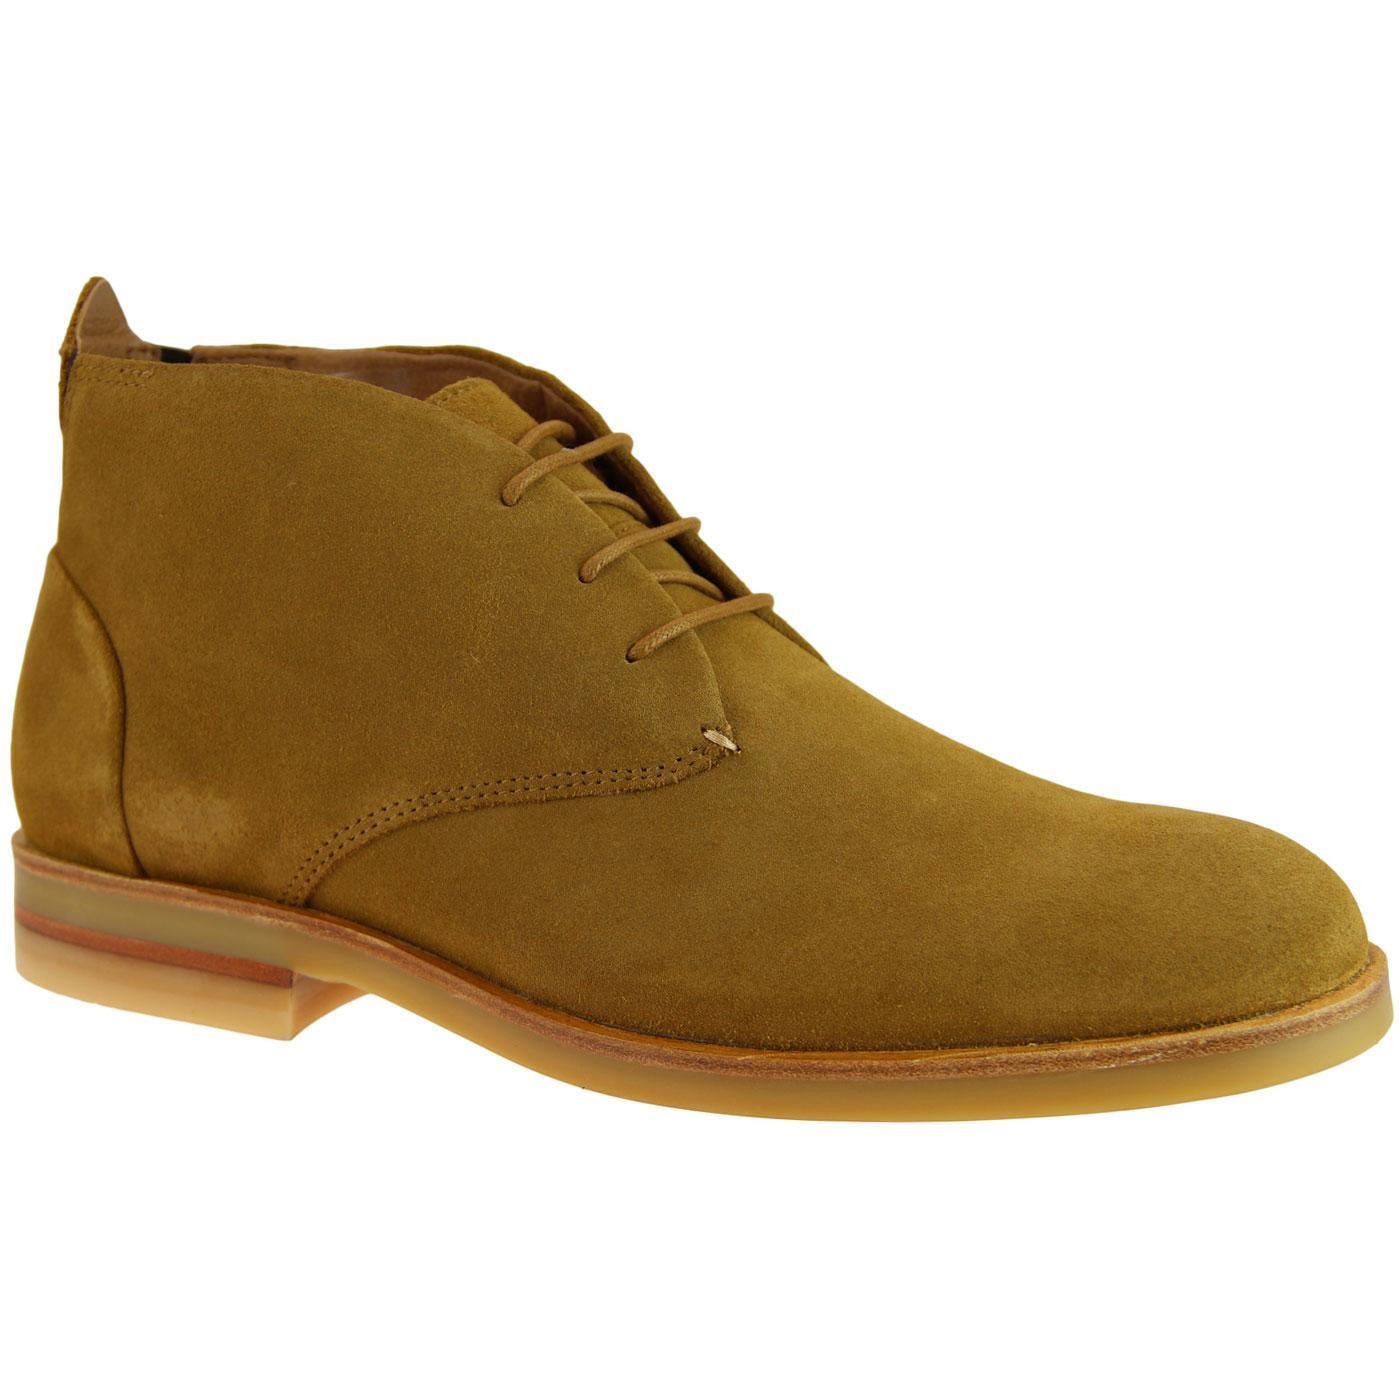 Bedlington HUDSON 60s Mod Suede Desert Boots CAMEL